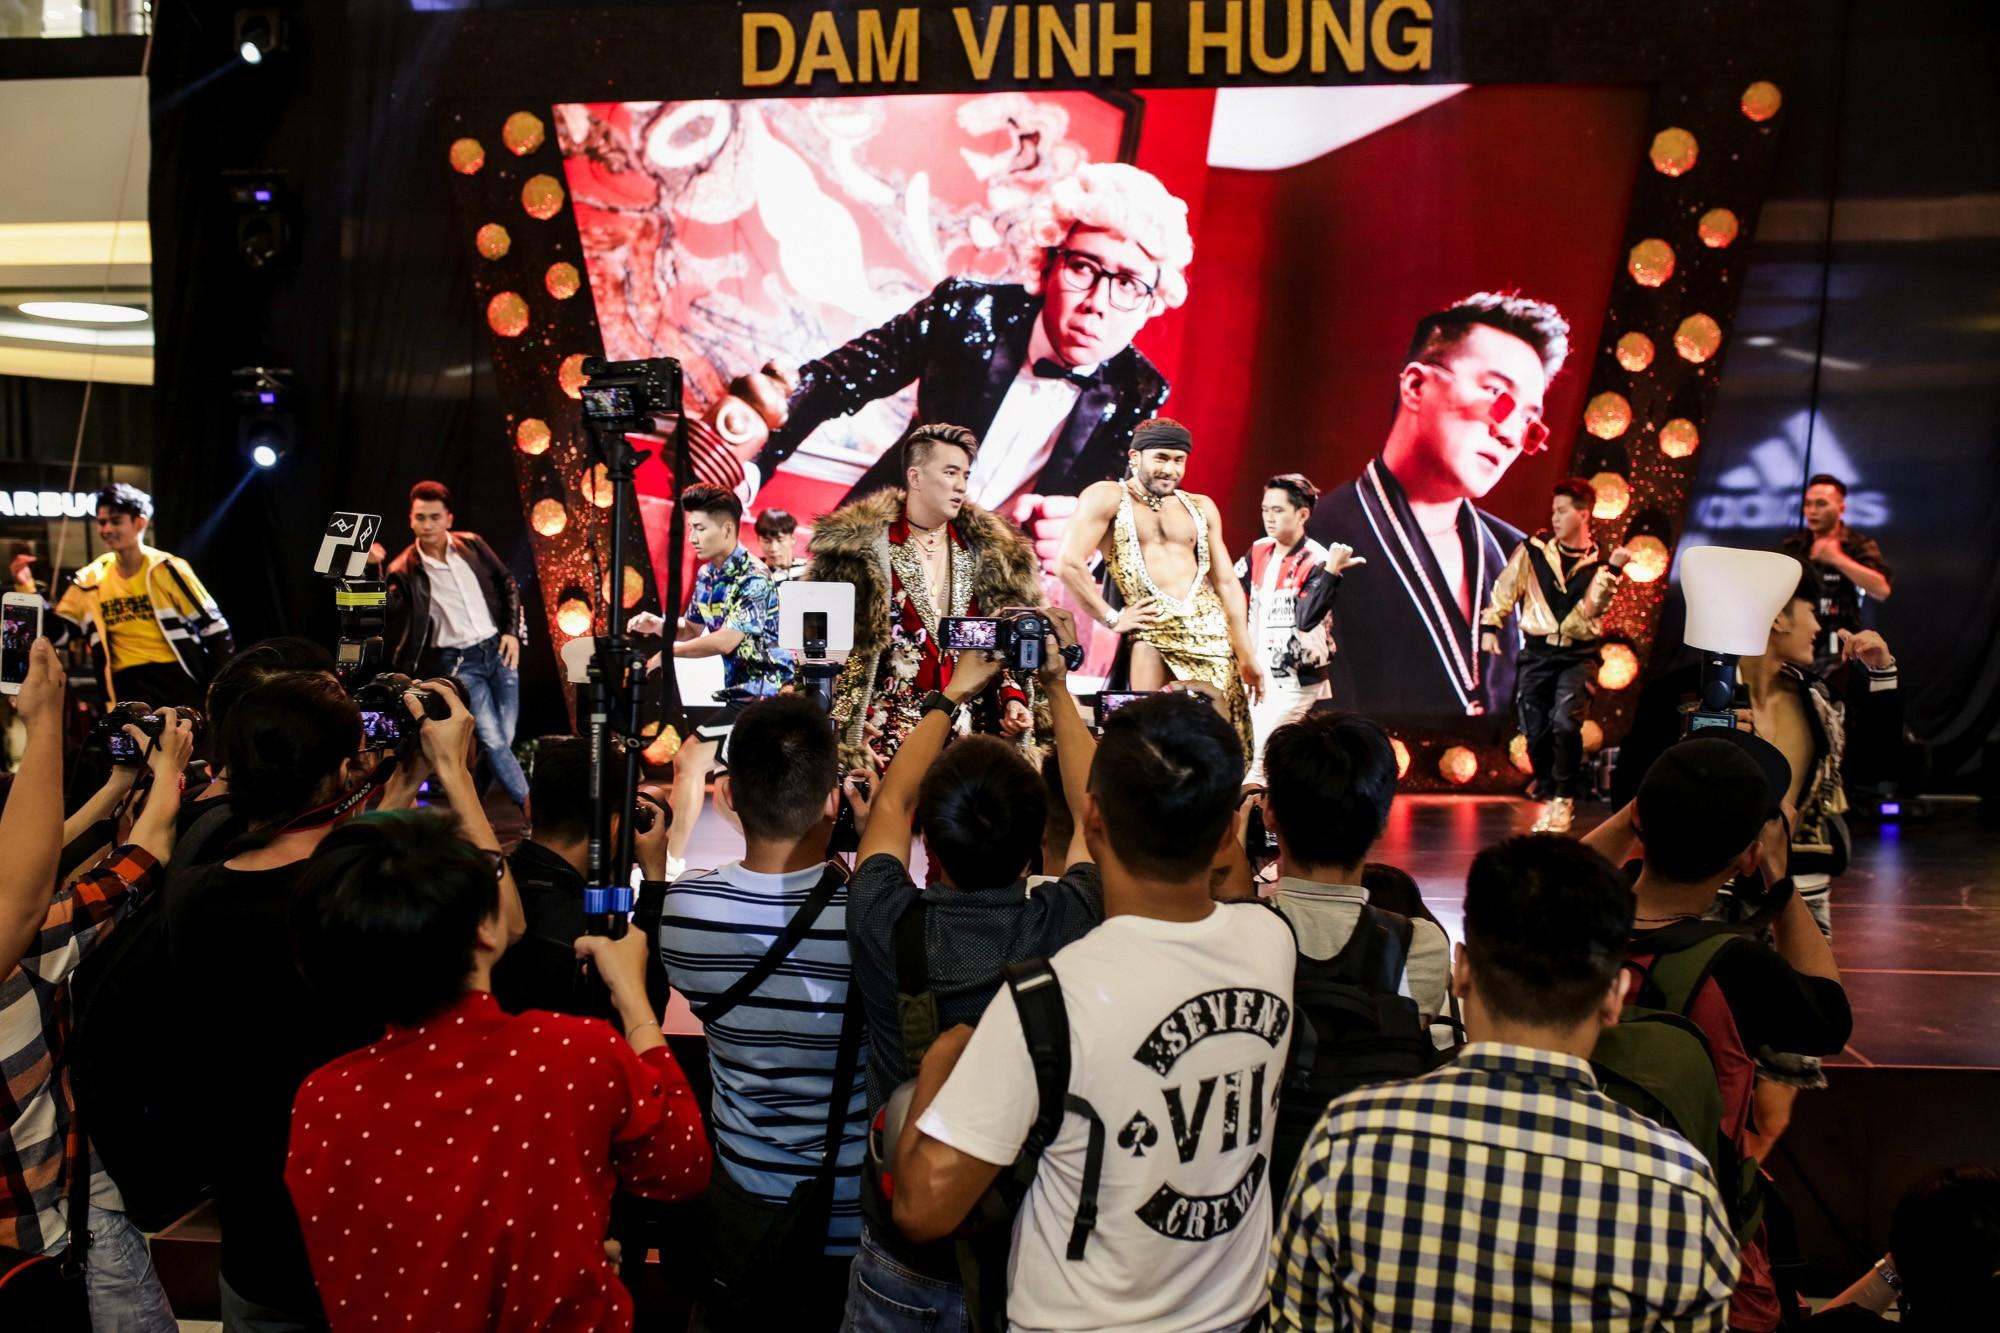 Đàm Vĩnh Hưng bất ngờ tiết lộ nụ hôn nồng cháy với Hoa hậu Hương Giang - Ảnh 7.